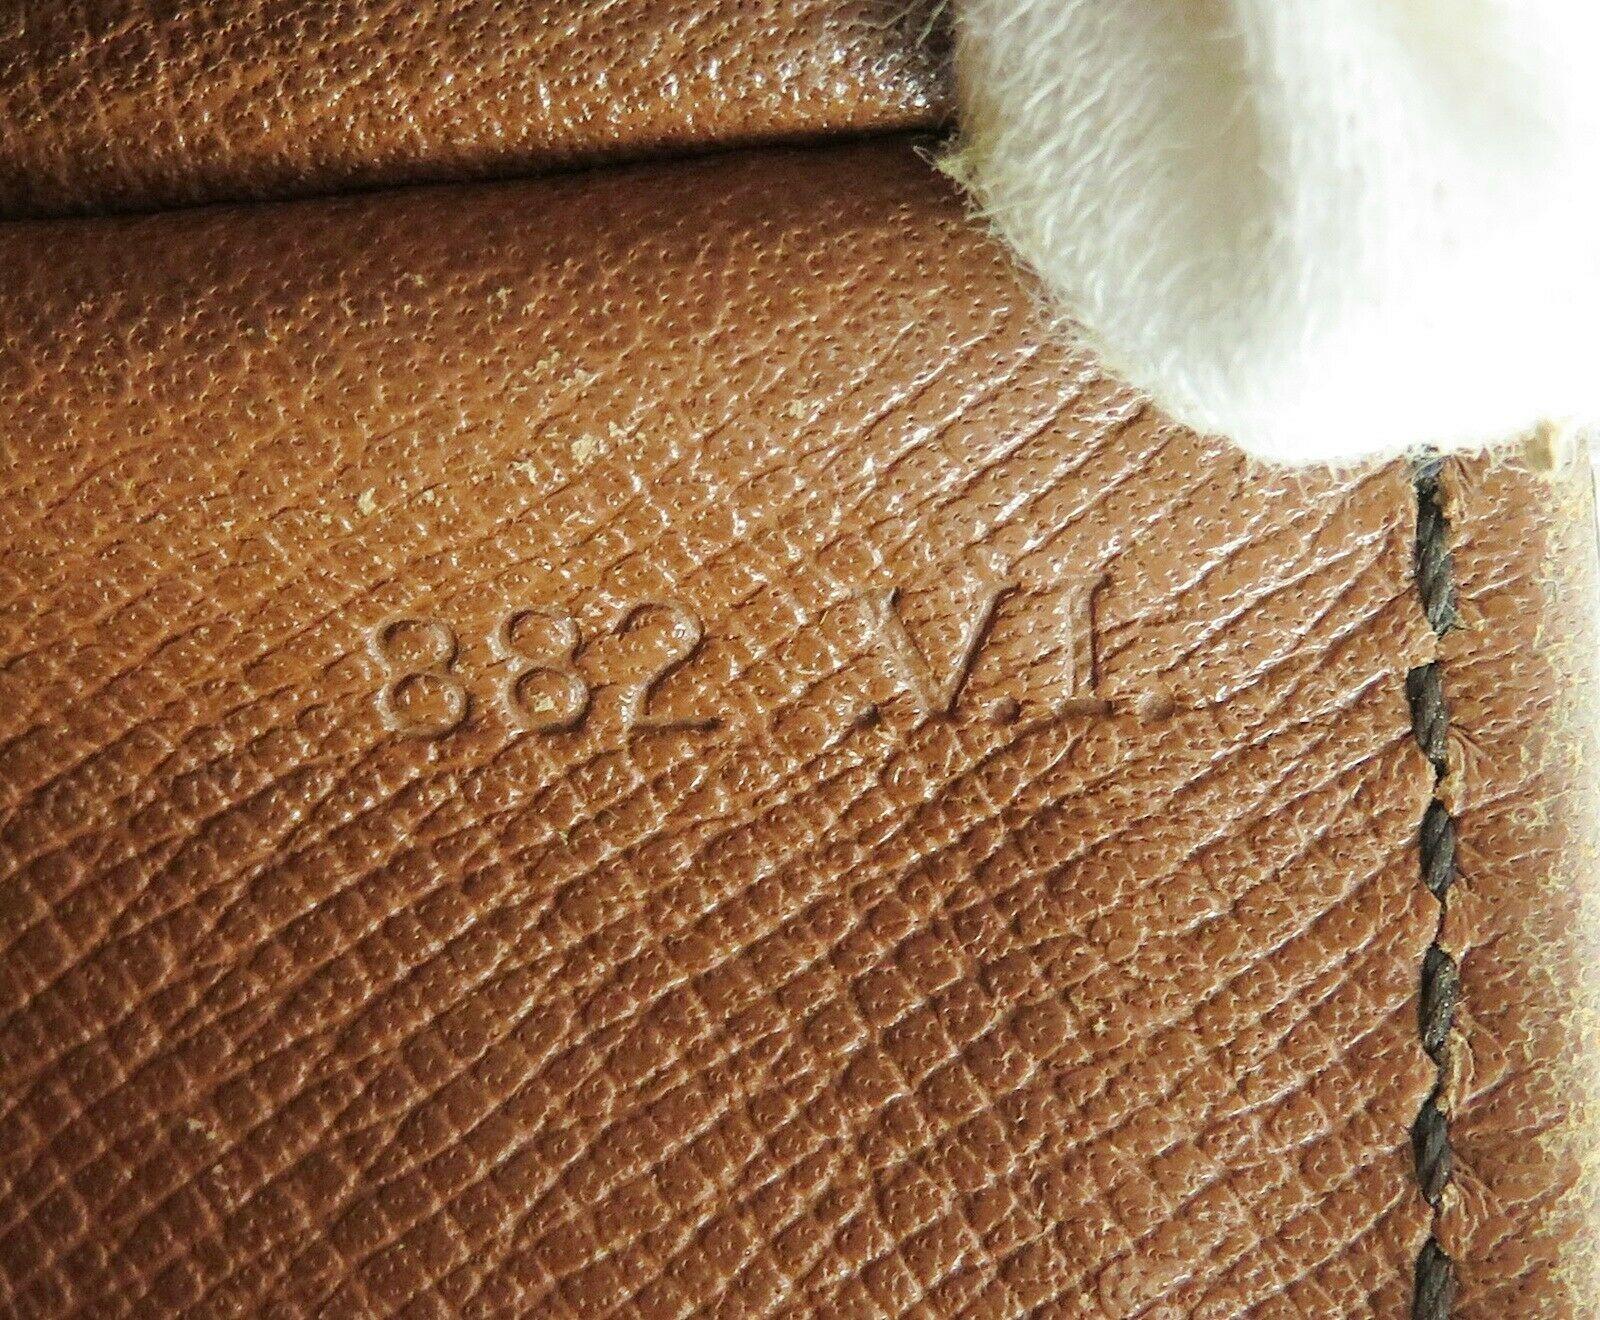 Authentic LOUIS VUITTON Chantilly MM Monogram Canvas Shoulder Bag #33284